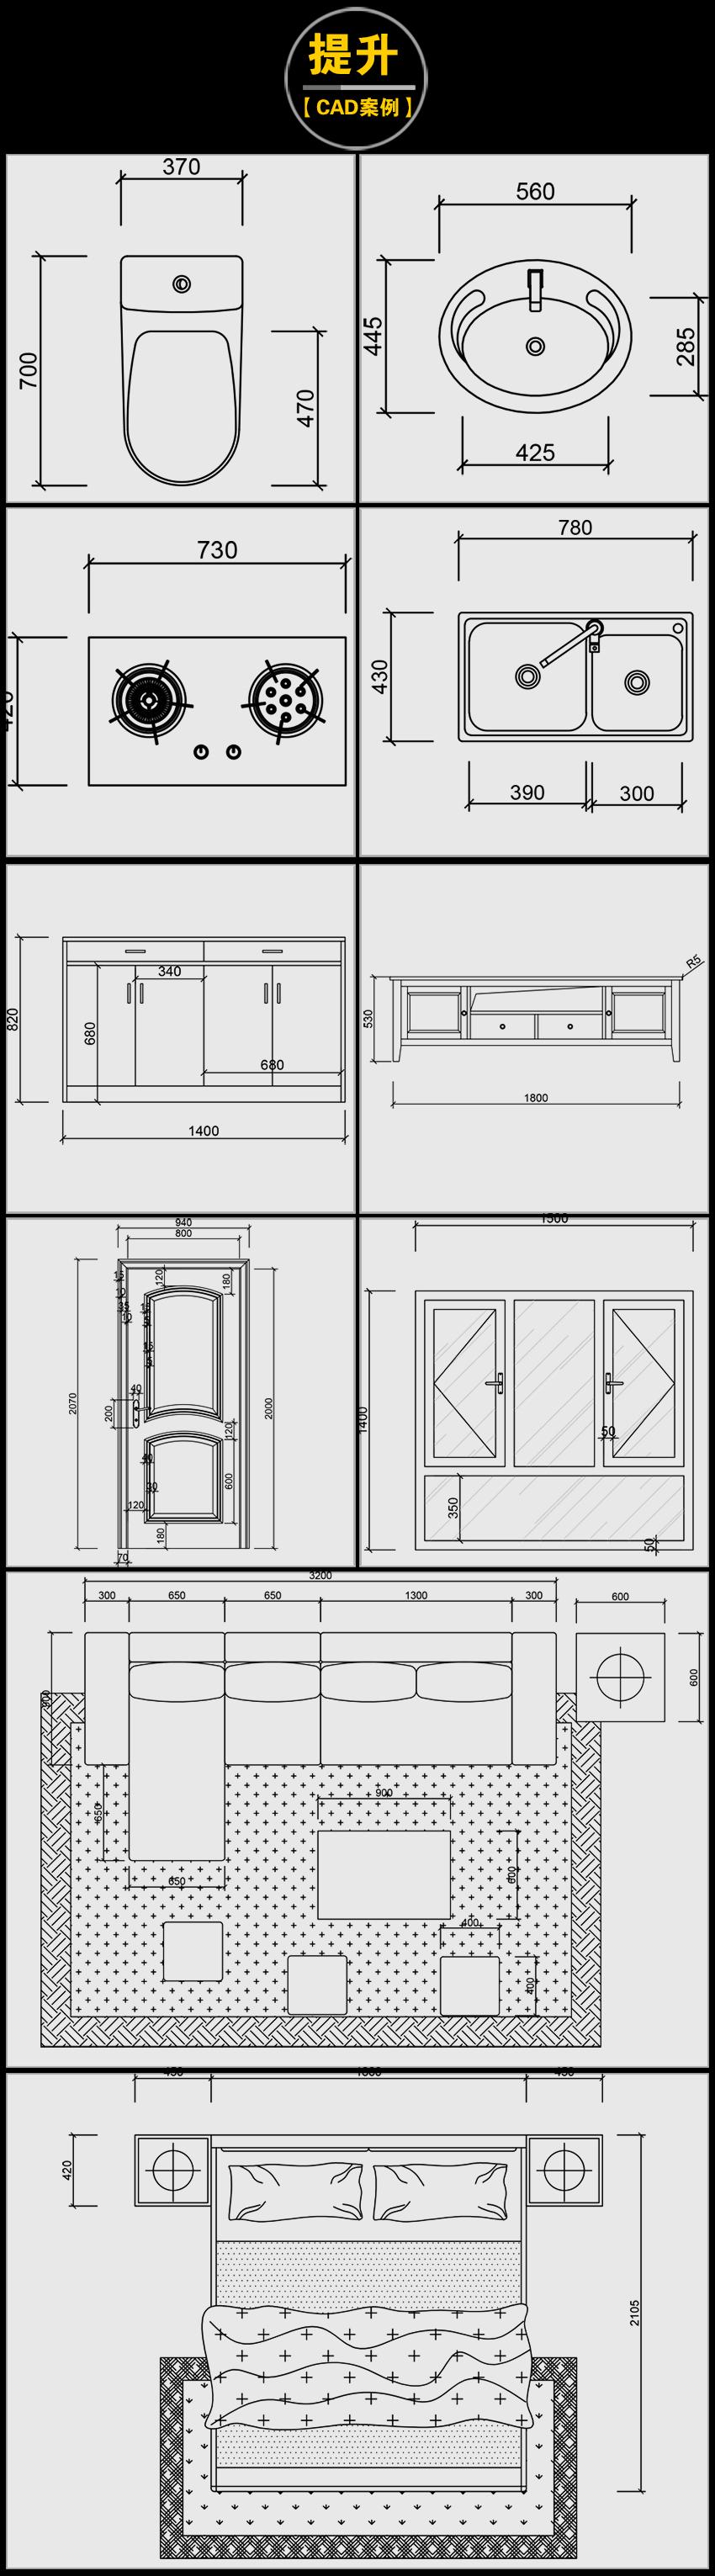 CAD室内设计施工图零基础教程